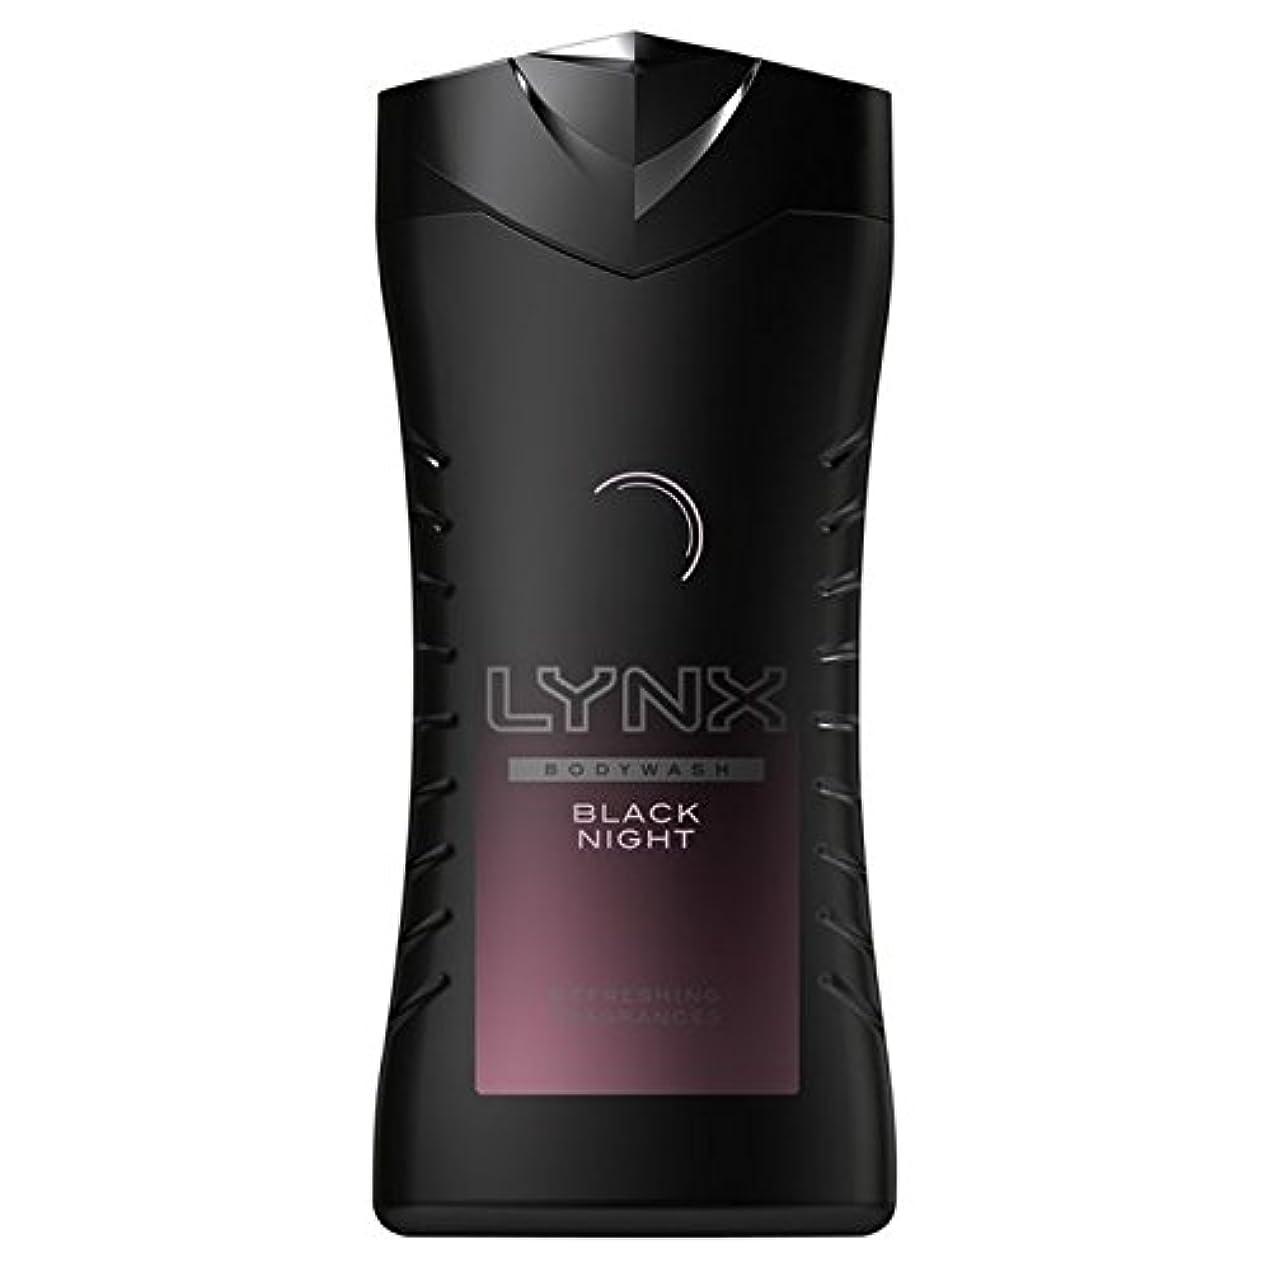 注入一流マットレスオオヤマネコ黒夜シャワージェル250ミリリットル x4 - Lynx Black Night Shower Gel 250ml (Pack of 4) [並行輸入品]